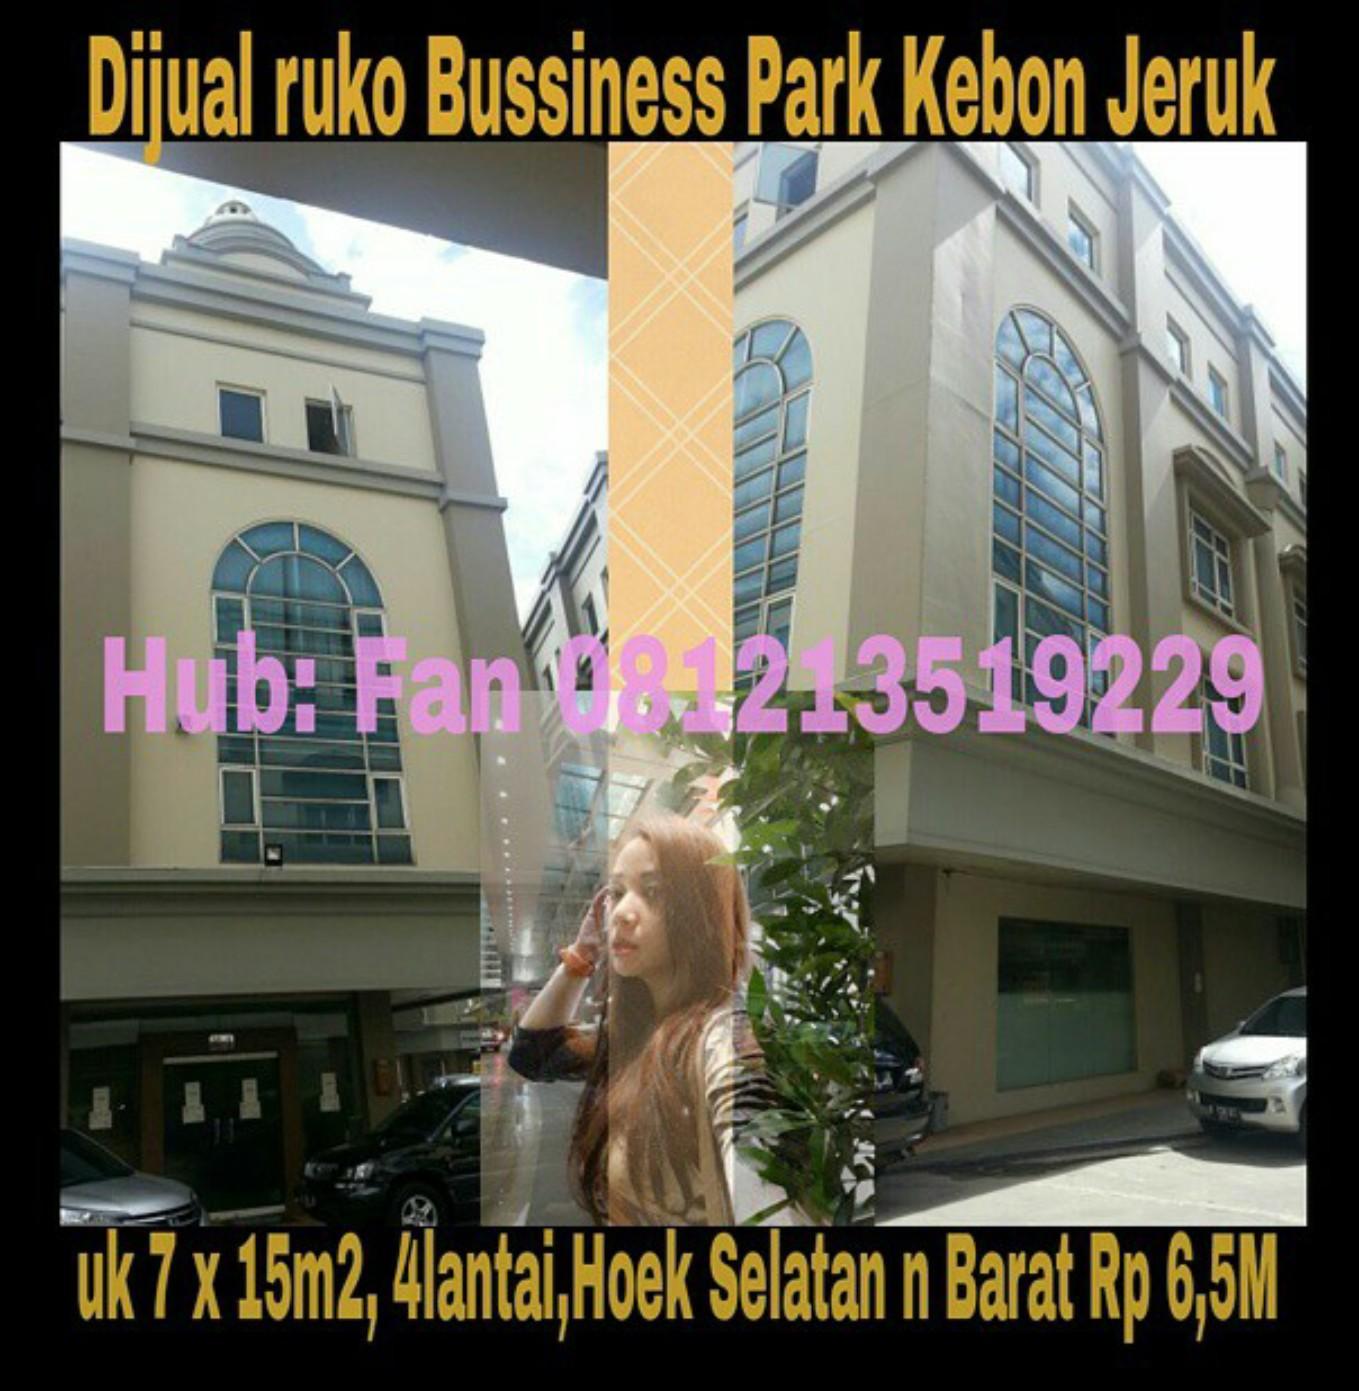 Ruko Bussines Park Kebon Jeruk